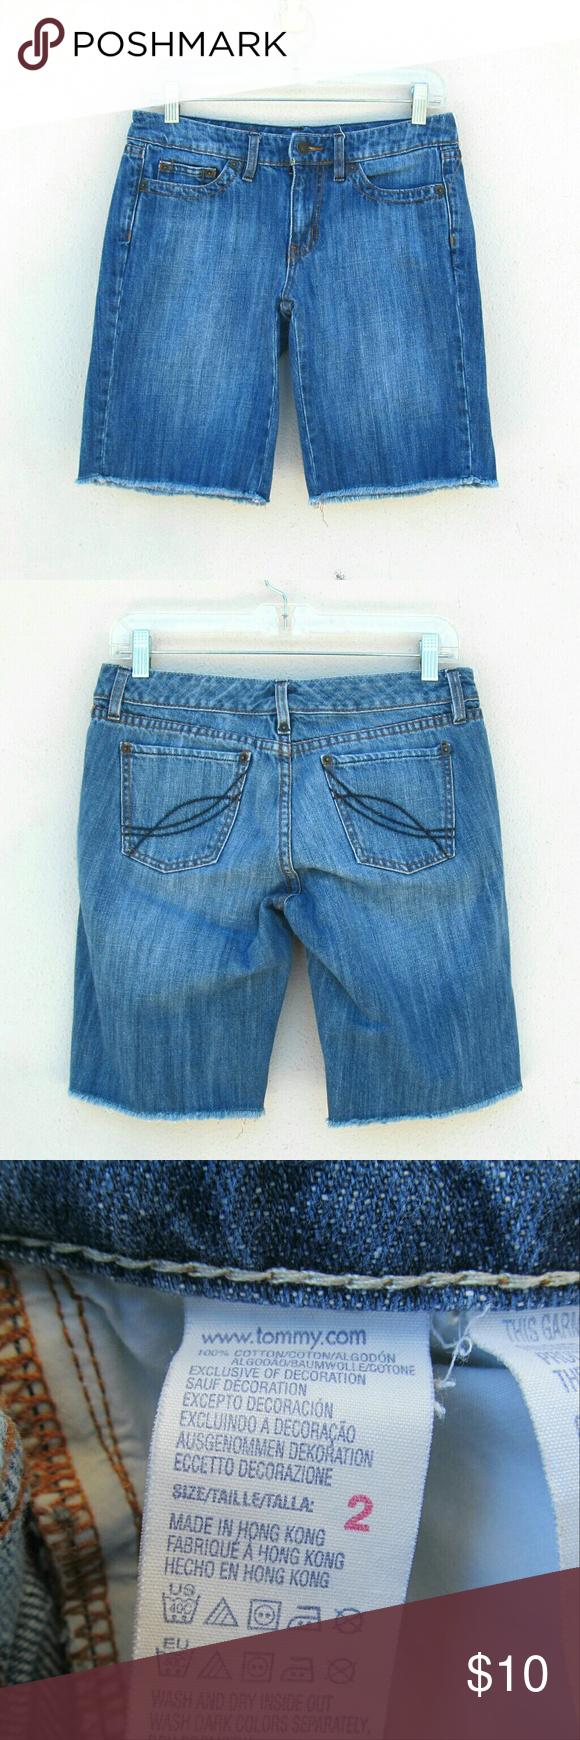 Tommy Hilfiger Denim Jeans Shorts Size 2 I offer bundle discounts :) Tommy Hilfiger Jeans